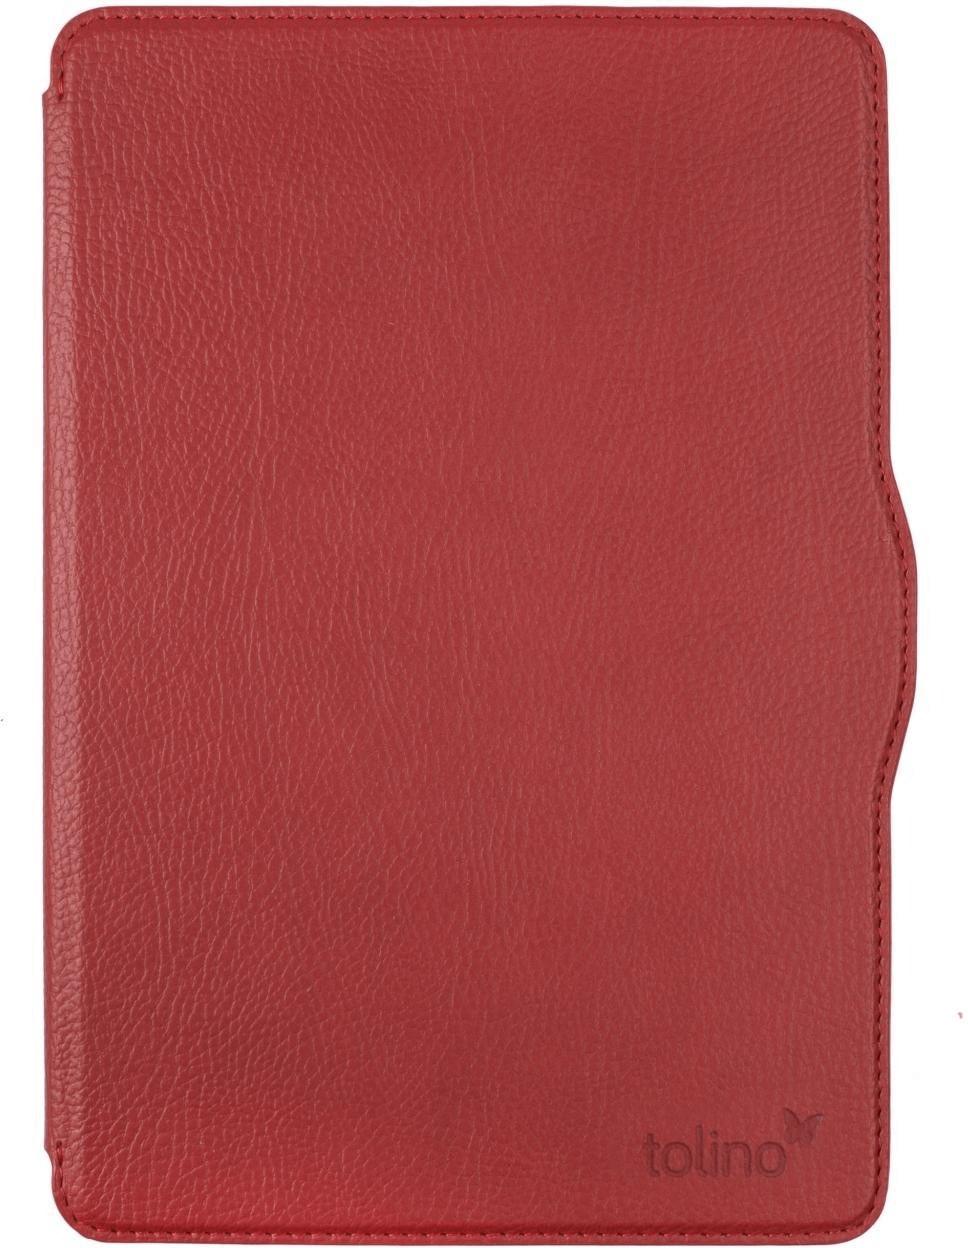 Tolino Epos Slim Tasche rot (8718969056748)